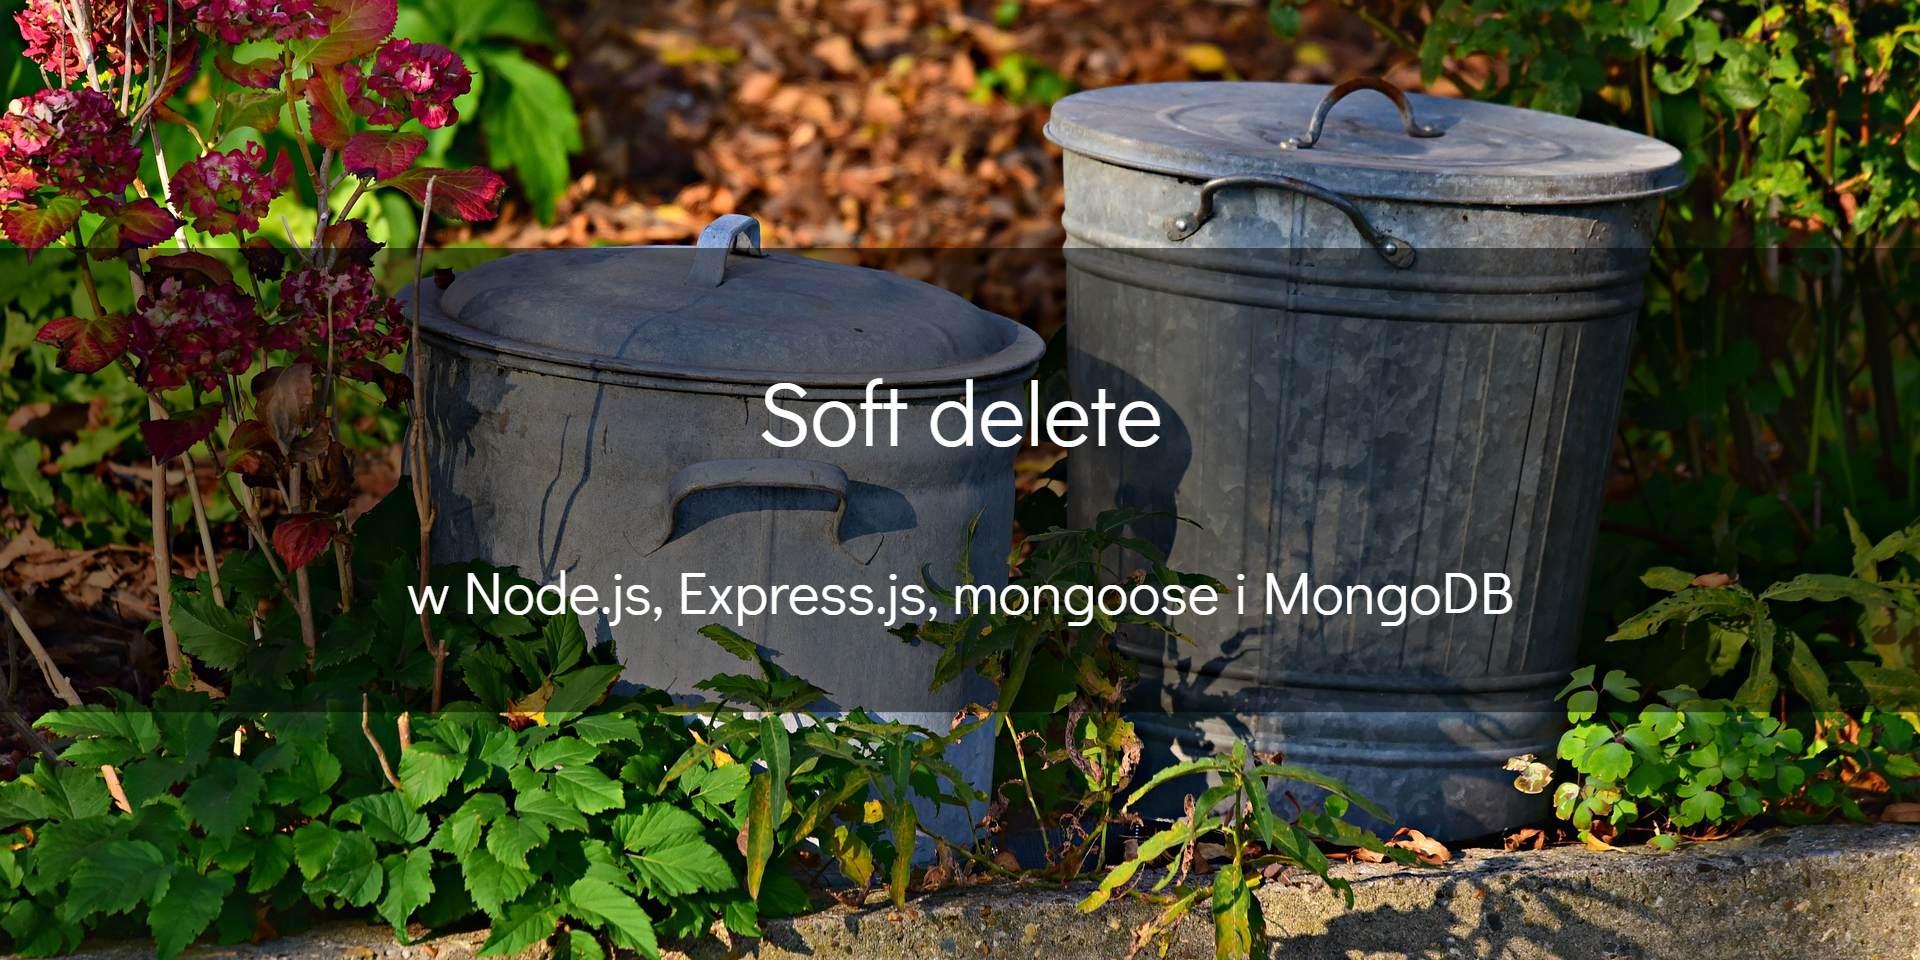 Co nieco osoft delete przy użyciu Node.js iMongoDB